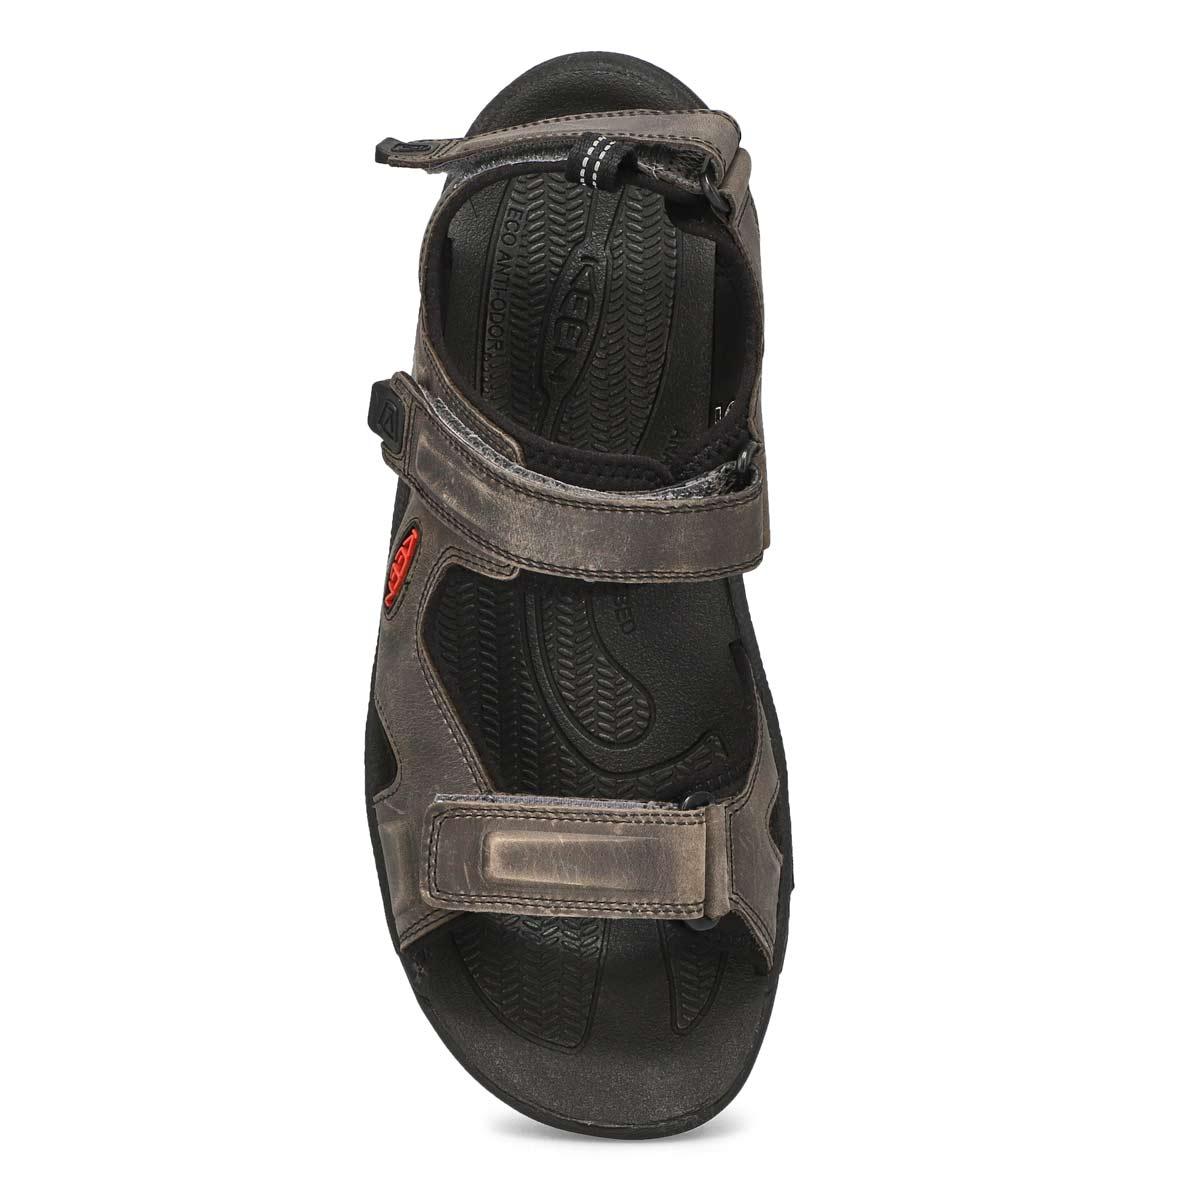 Men's Targhee III Open Toe Sandal - Grey/Black